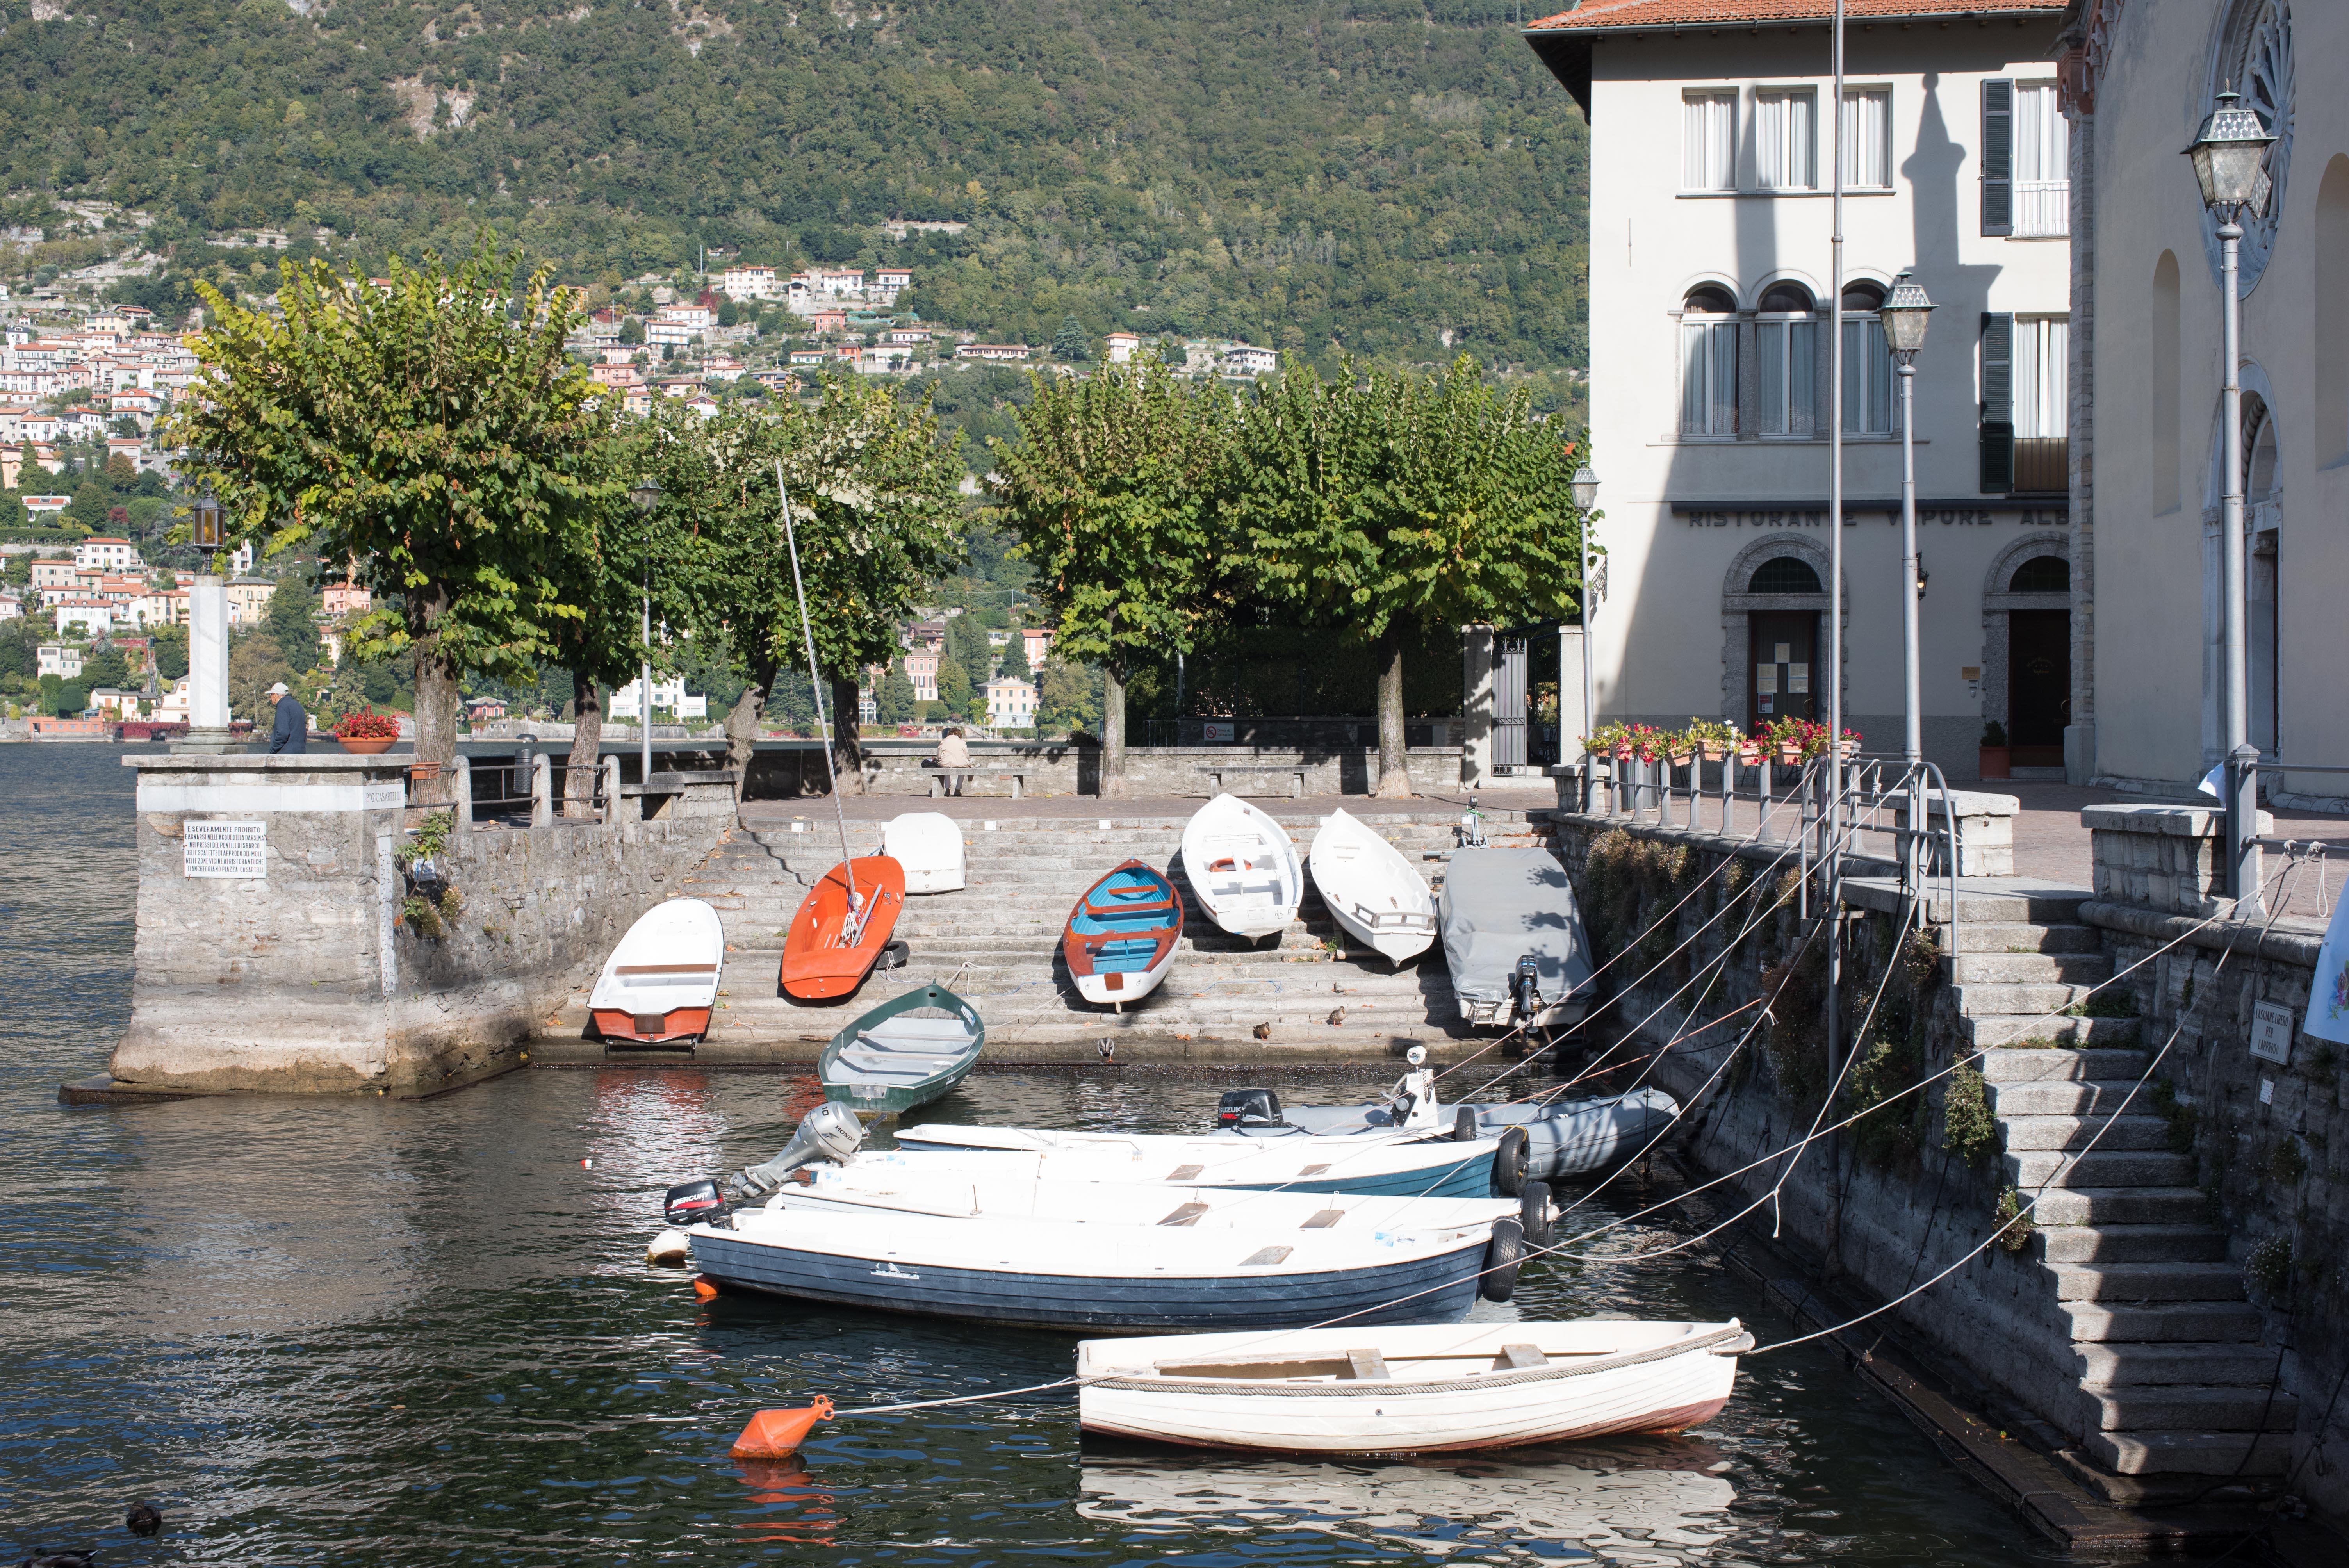 Hafen von Torno